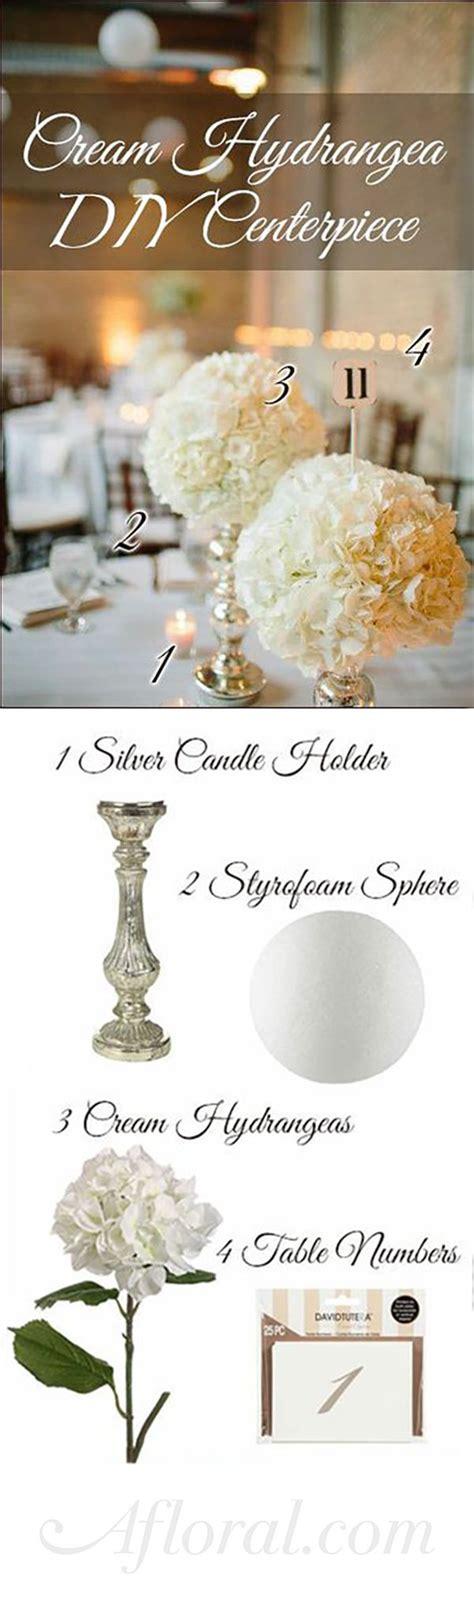 silk flower centerpieces for wedding reception 25 best ideas about diy wedding centerpieces on